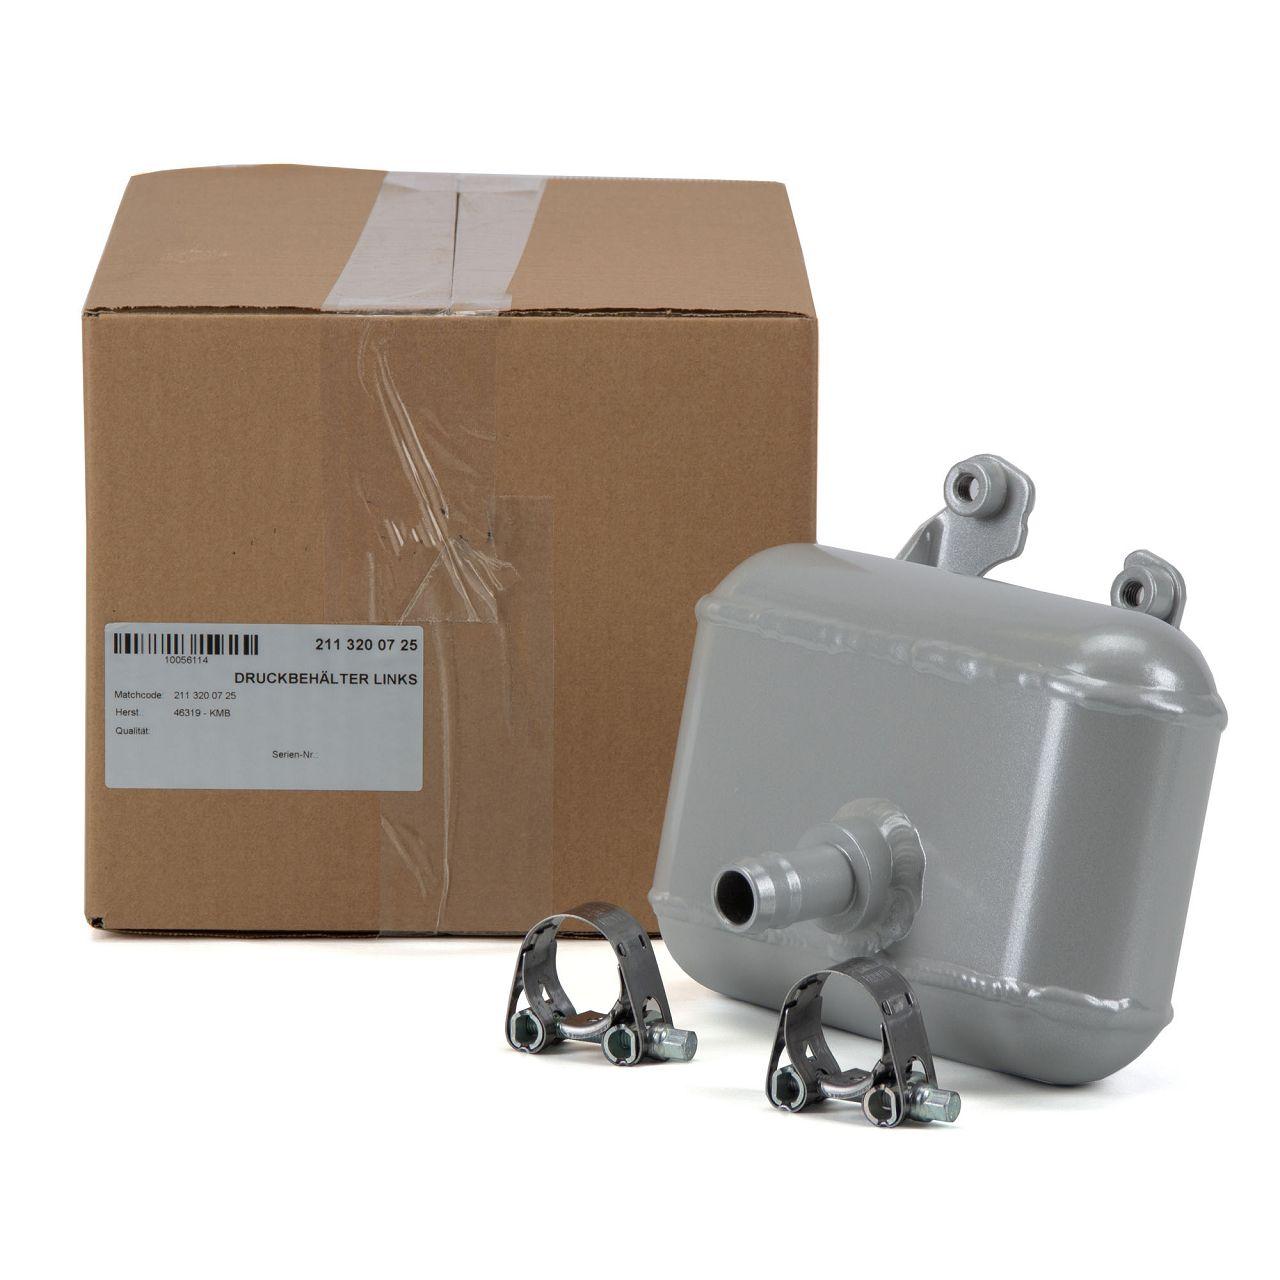 Druckbehälter Hydrospeicher Airmatik für MERCEDES C219 W211 S211 hinten links